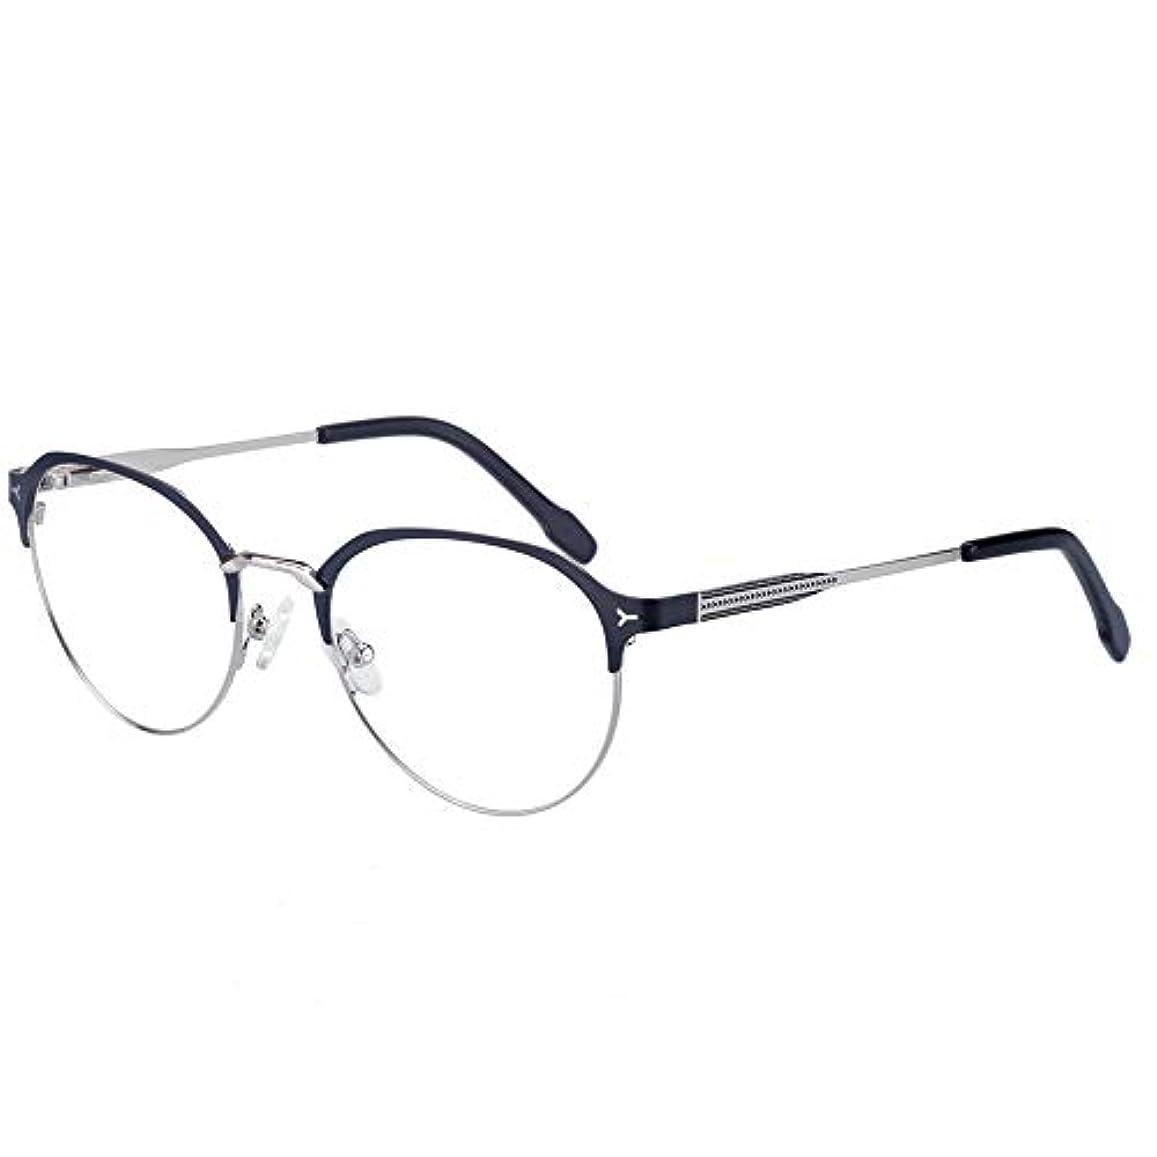 価値マルクス主義者送料変色高精細老眼鏡、多機能高齢男性と女性旧光メガネ、レトロな2色感光フラットメガネ